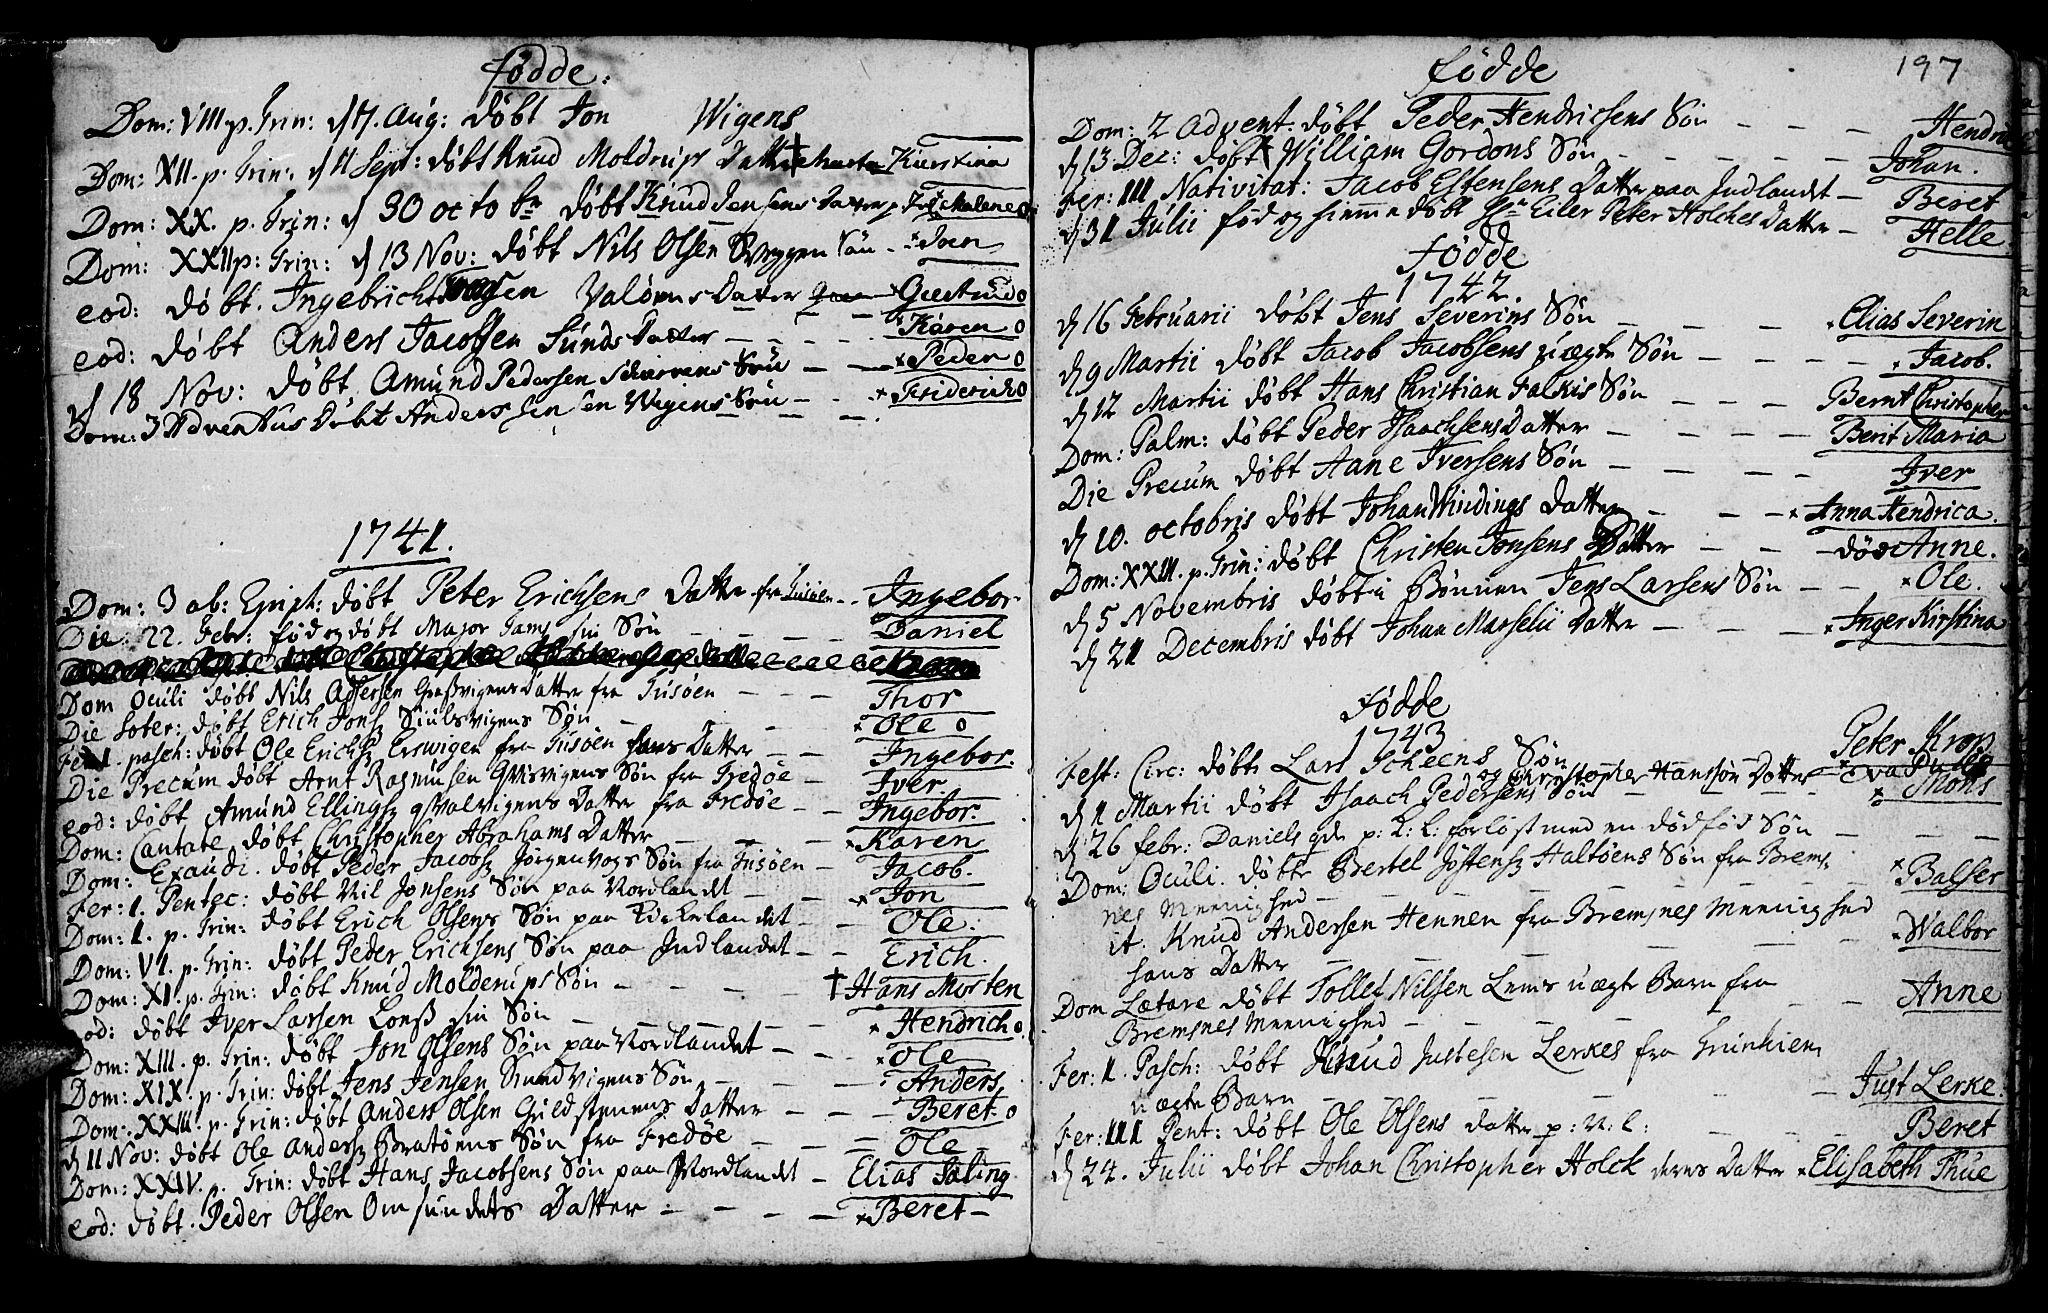 SAT, Ministerialprotokoller, klokkerbøker og fødselsregistre - Møre og Romsdal, 572/L0839: Ministerialbok nr. 572A02, 1739-1754, s. 196-197